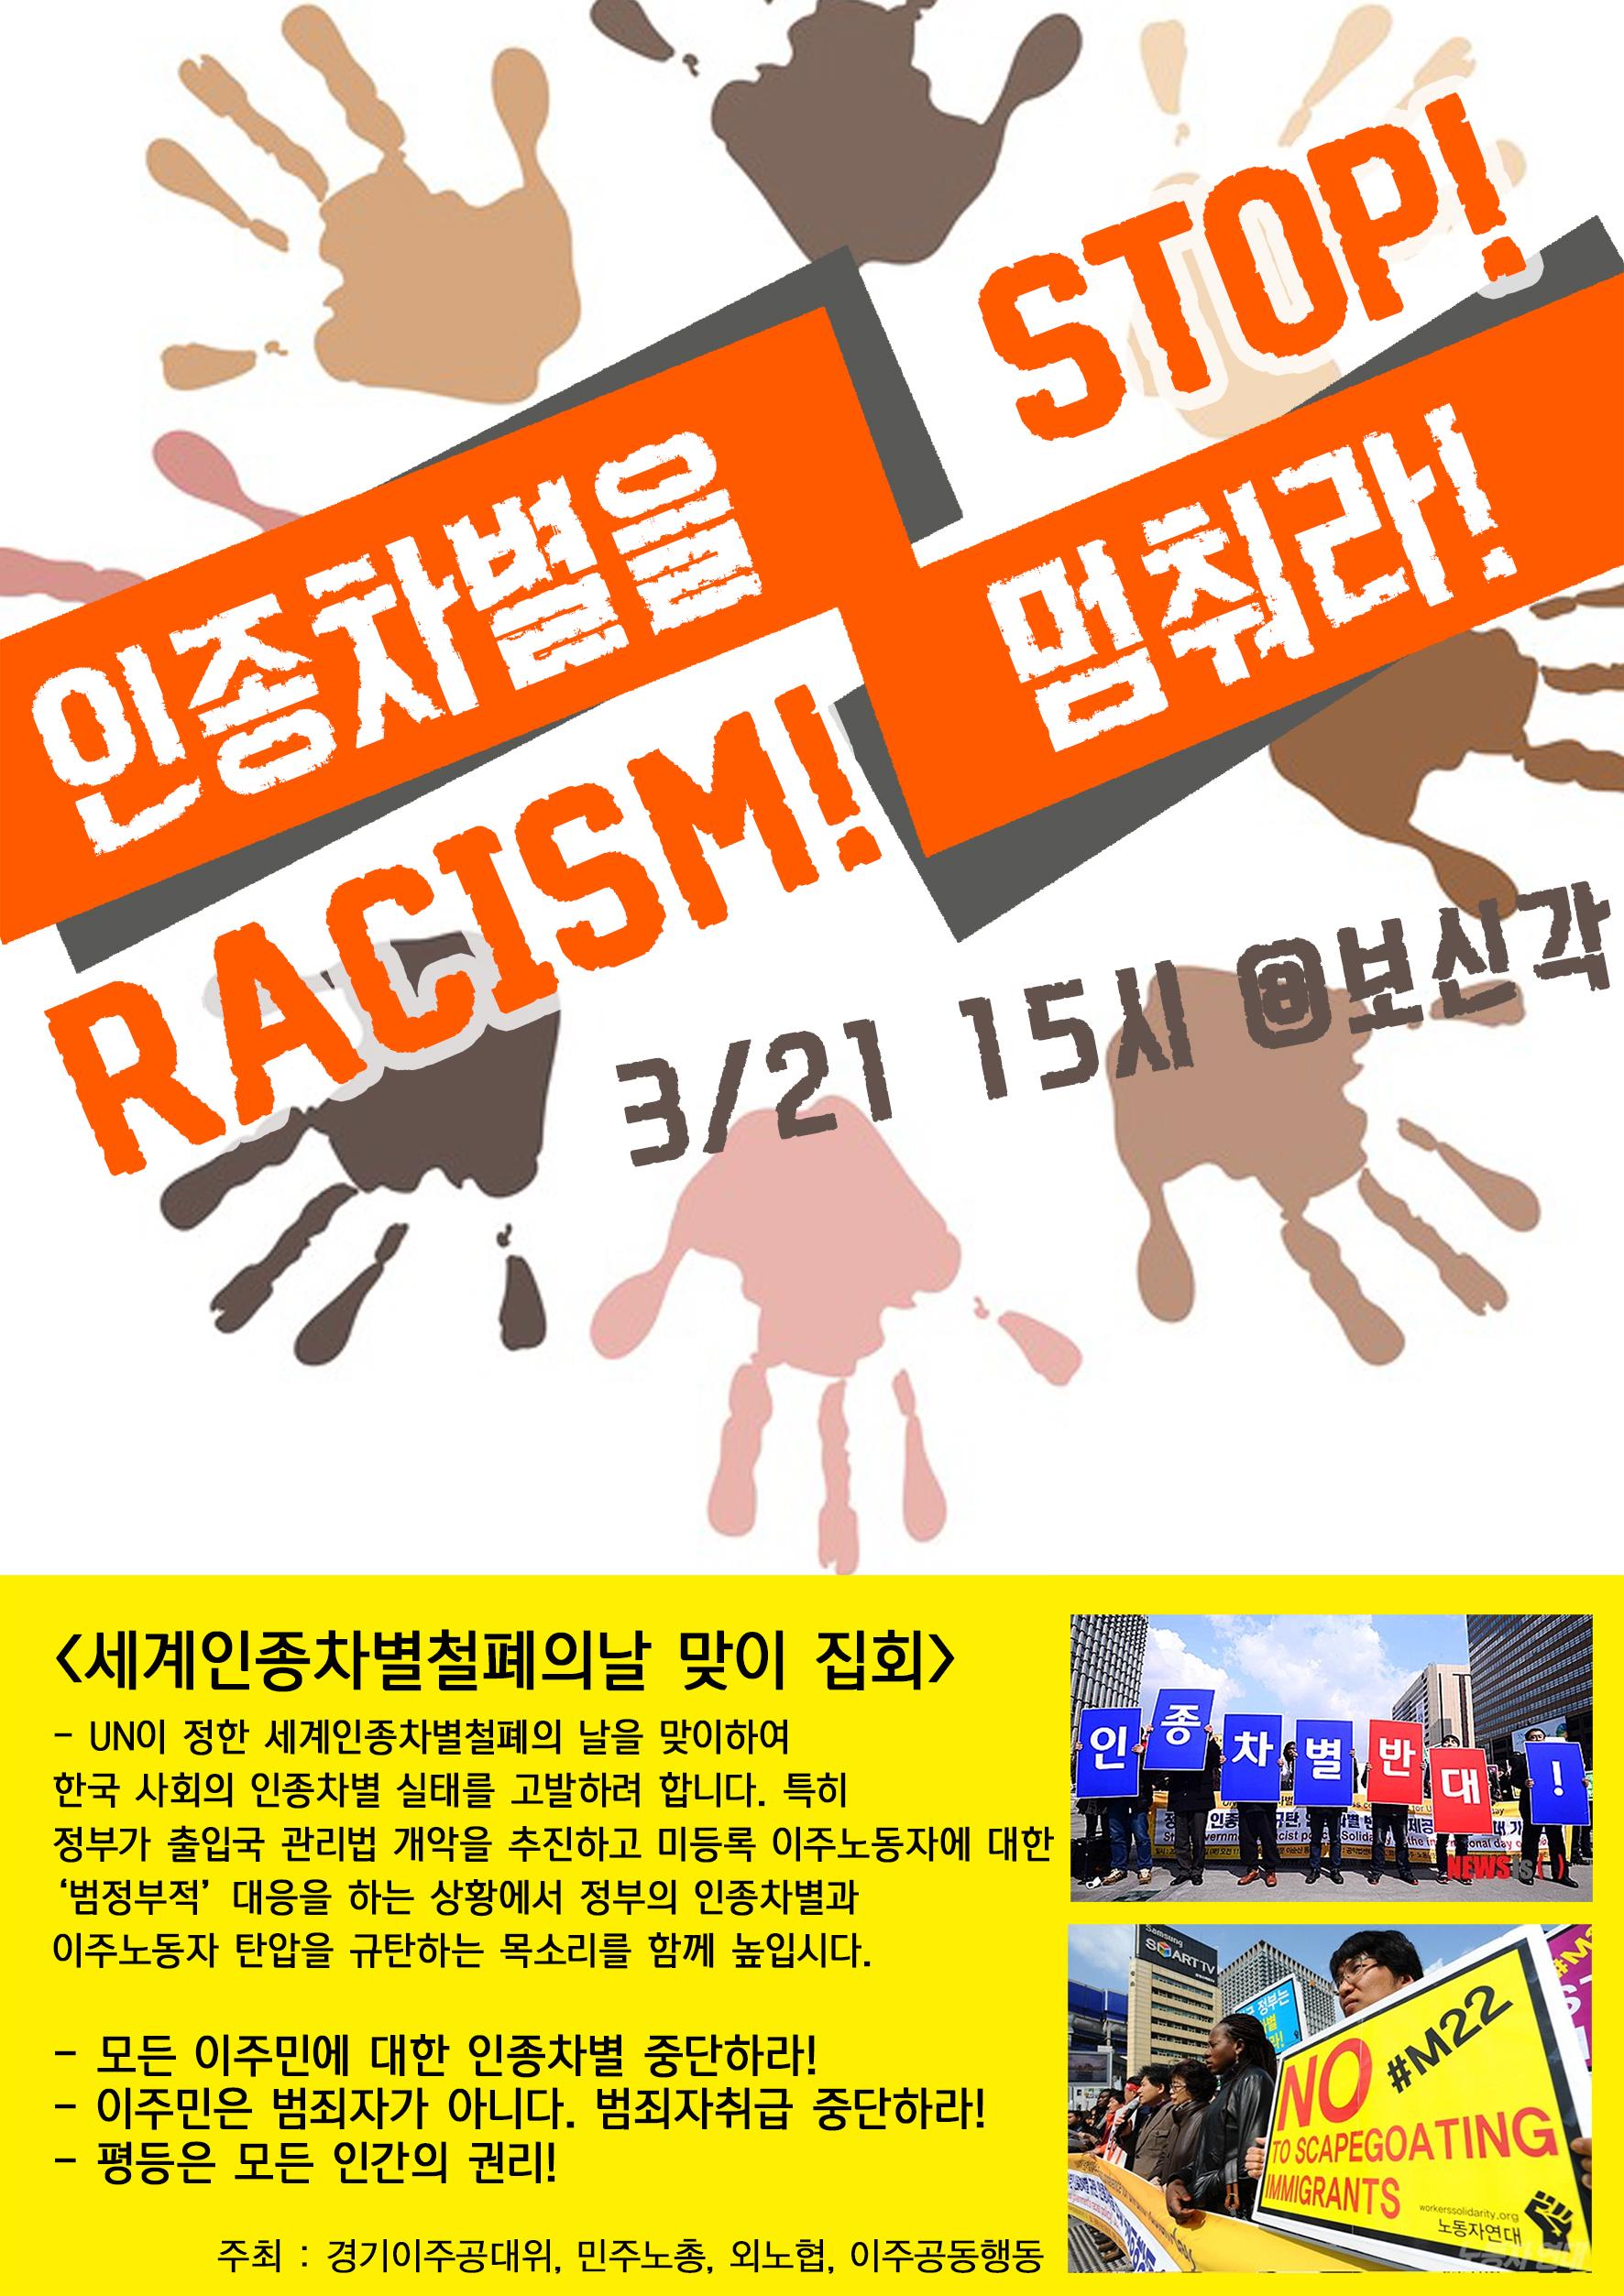 인종차별철폐의날 웹자보 한글(완).jpg